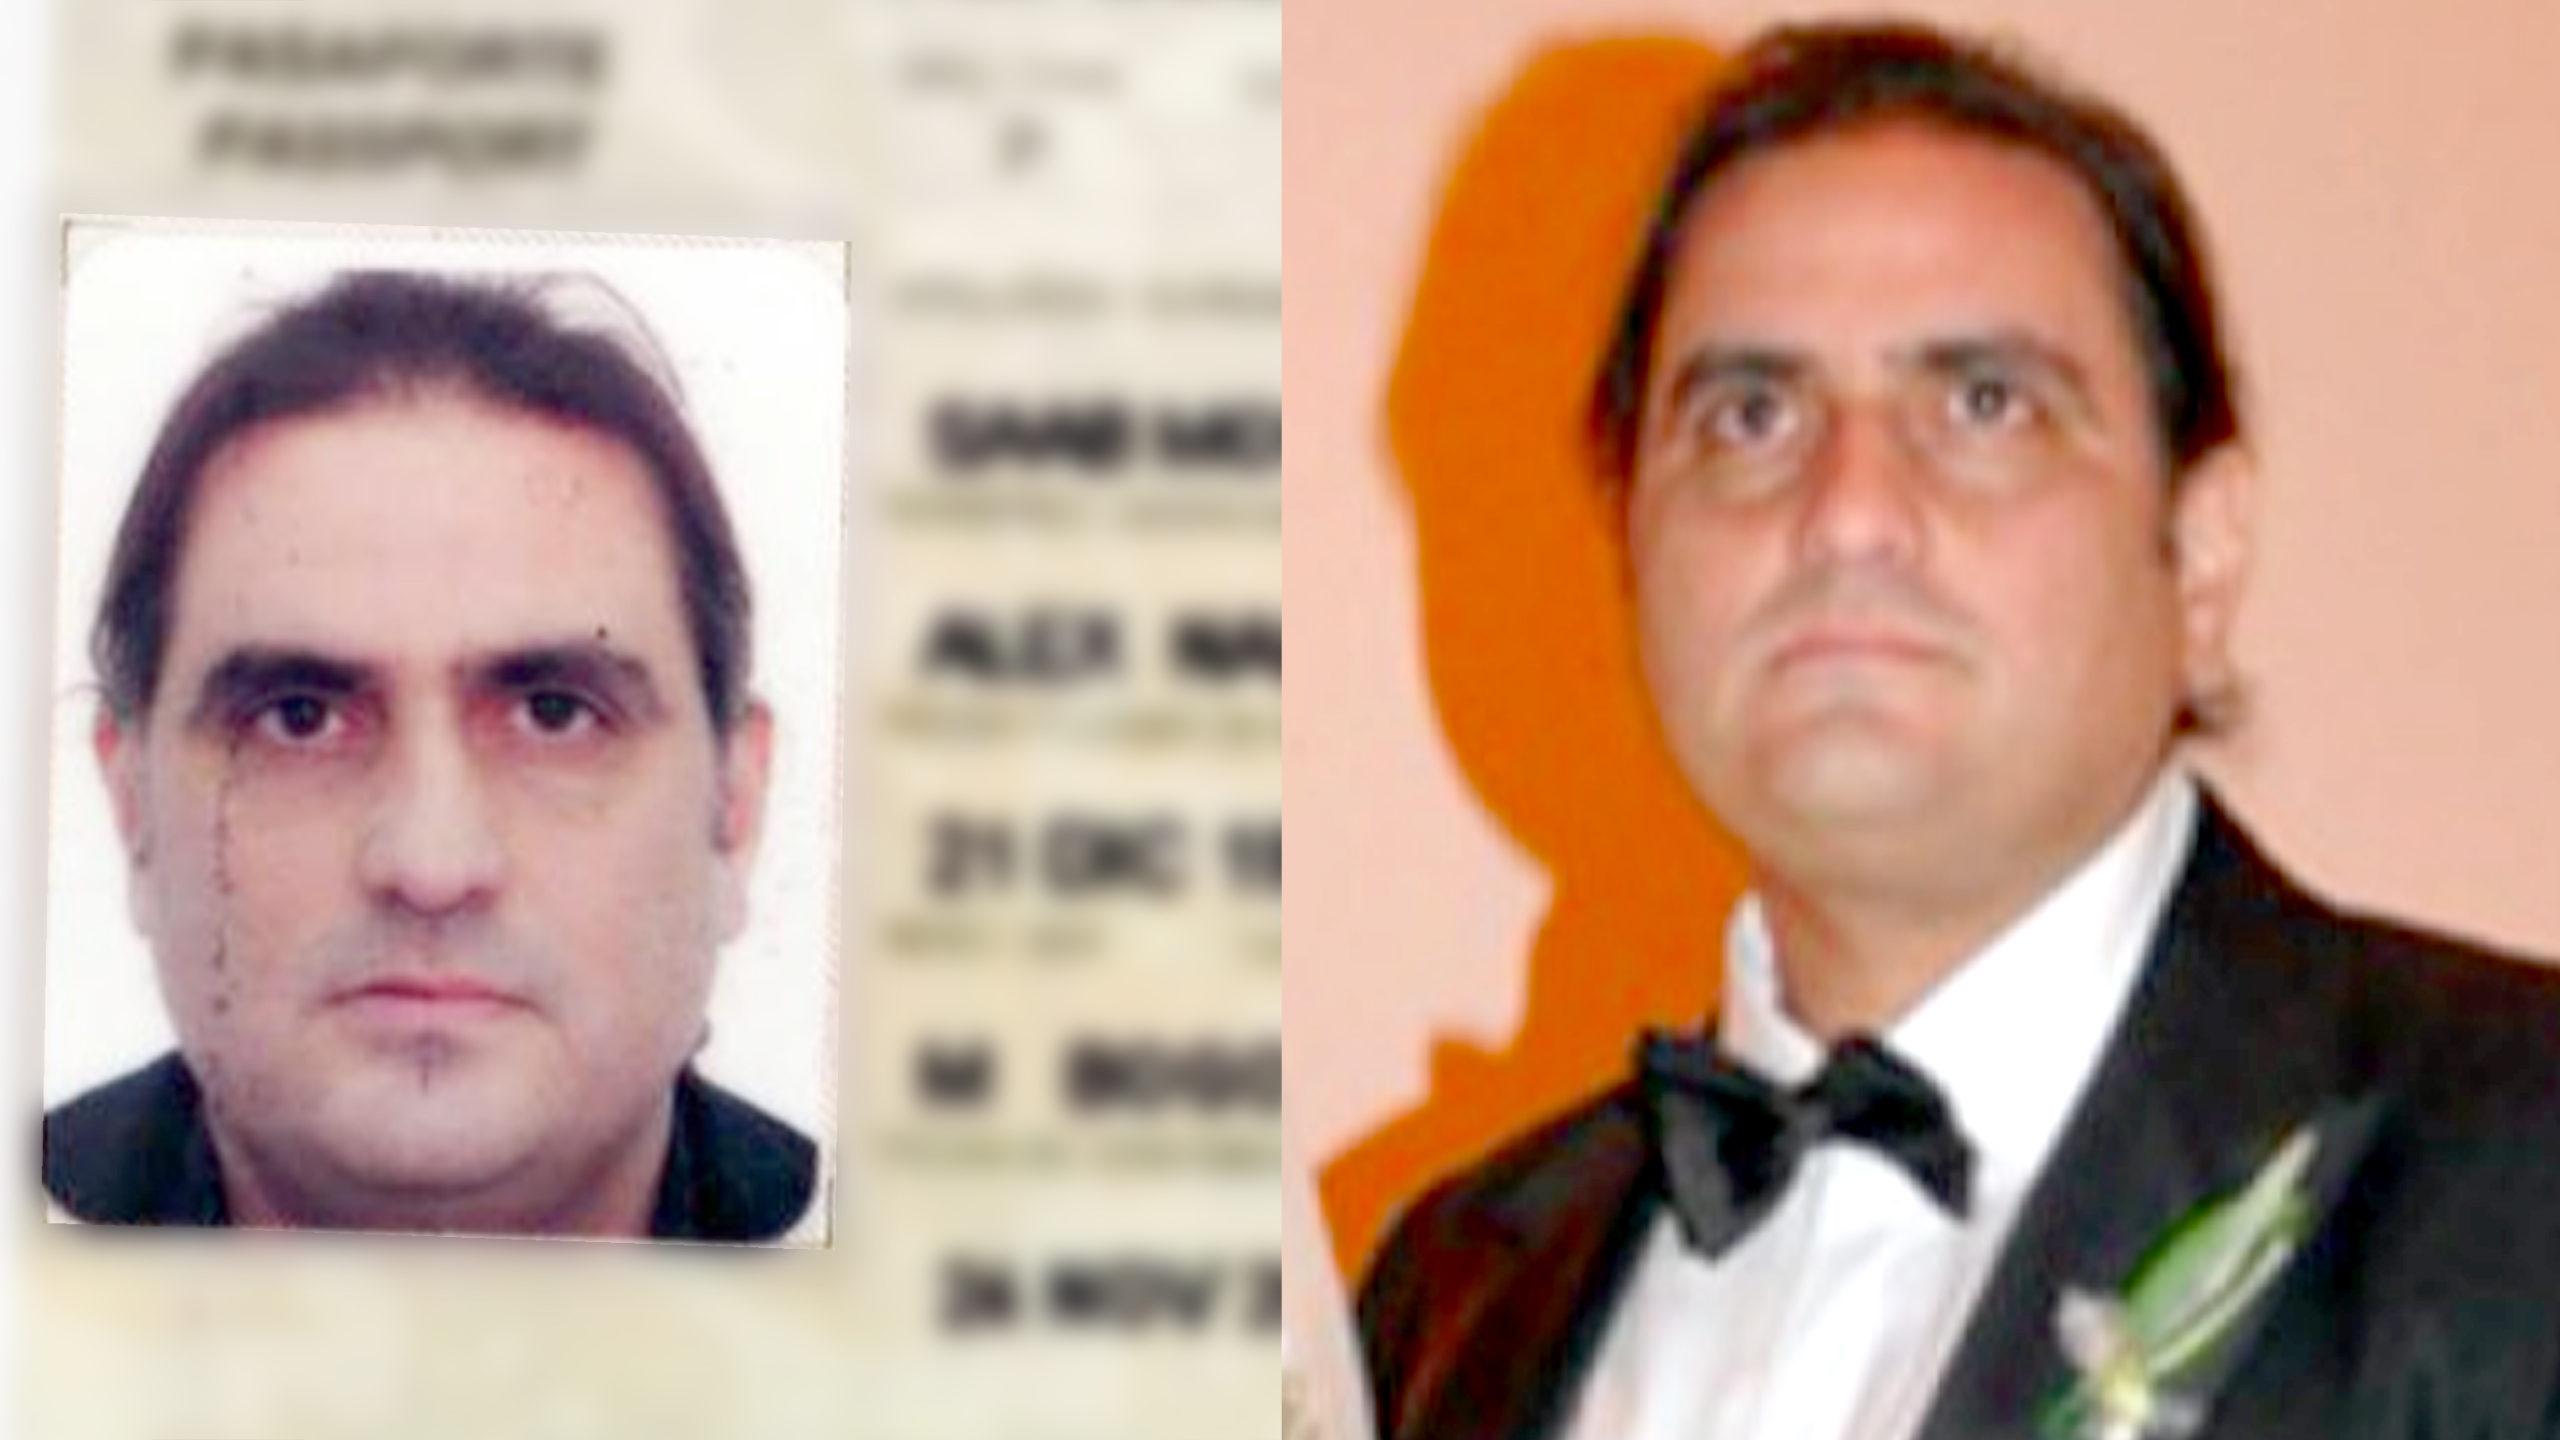 Estados Unidos cerca a Maduro: Cabo Verde acepta el proceso de extradición de Alex Saab